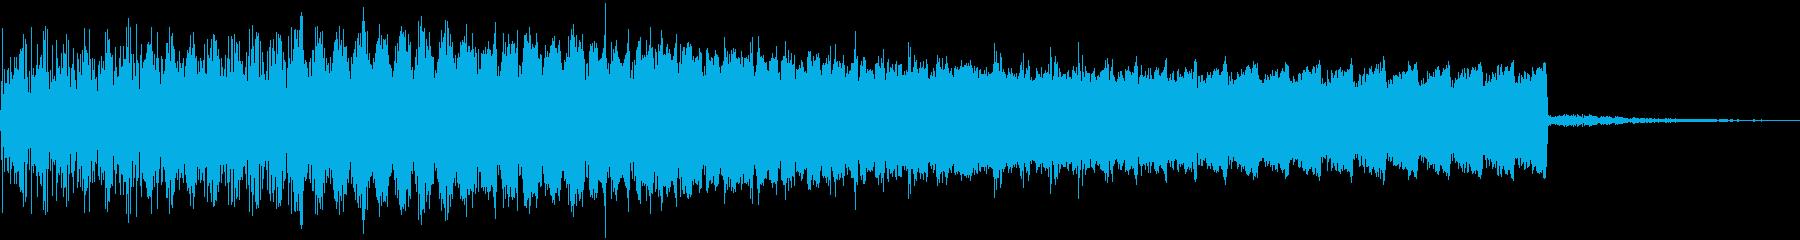 【ゲーム】チャージ・吸収音の再生済みの波形